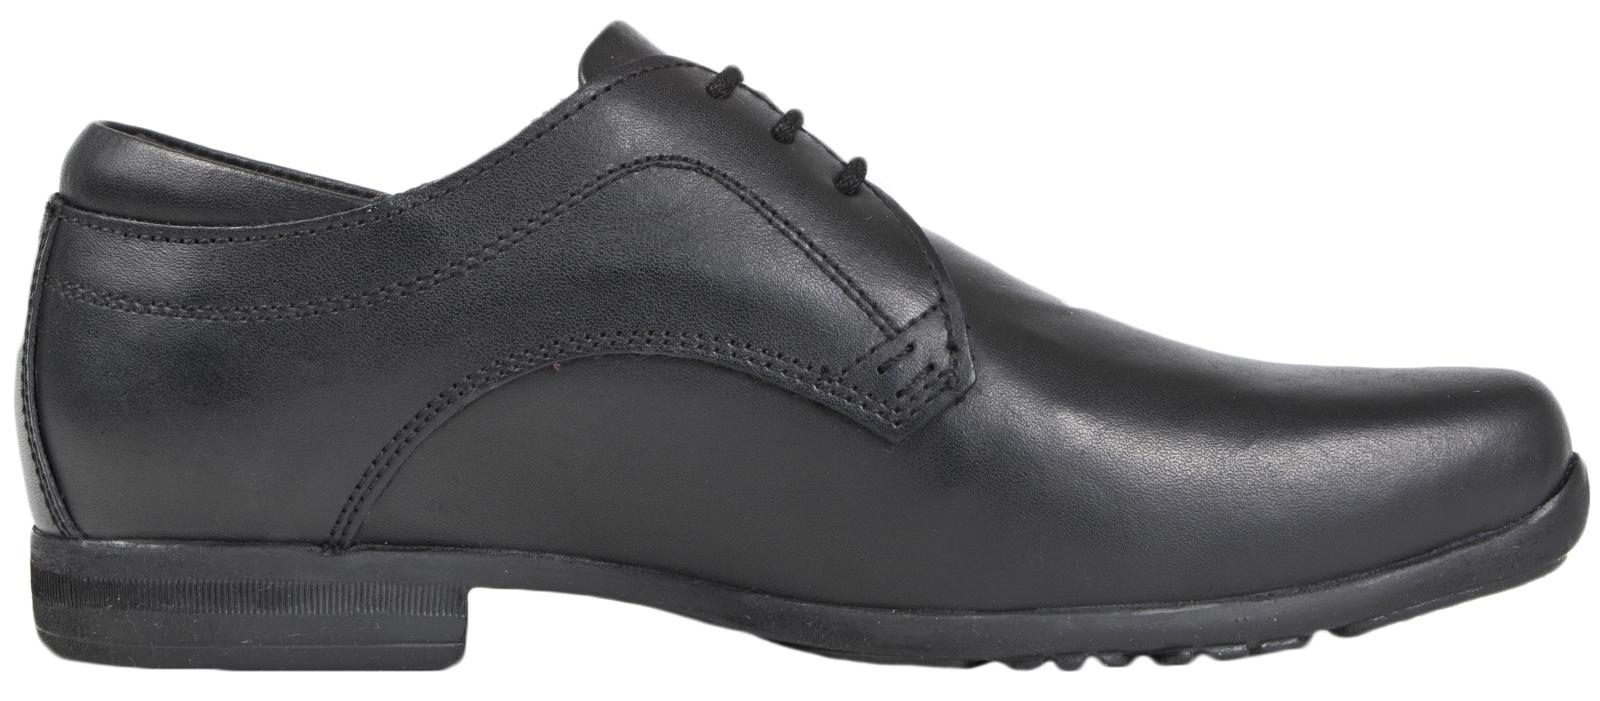 Bms Shoes Uk